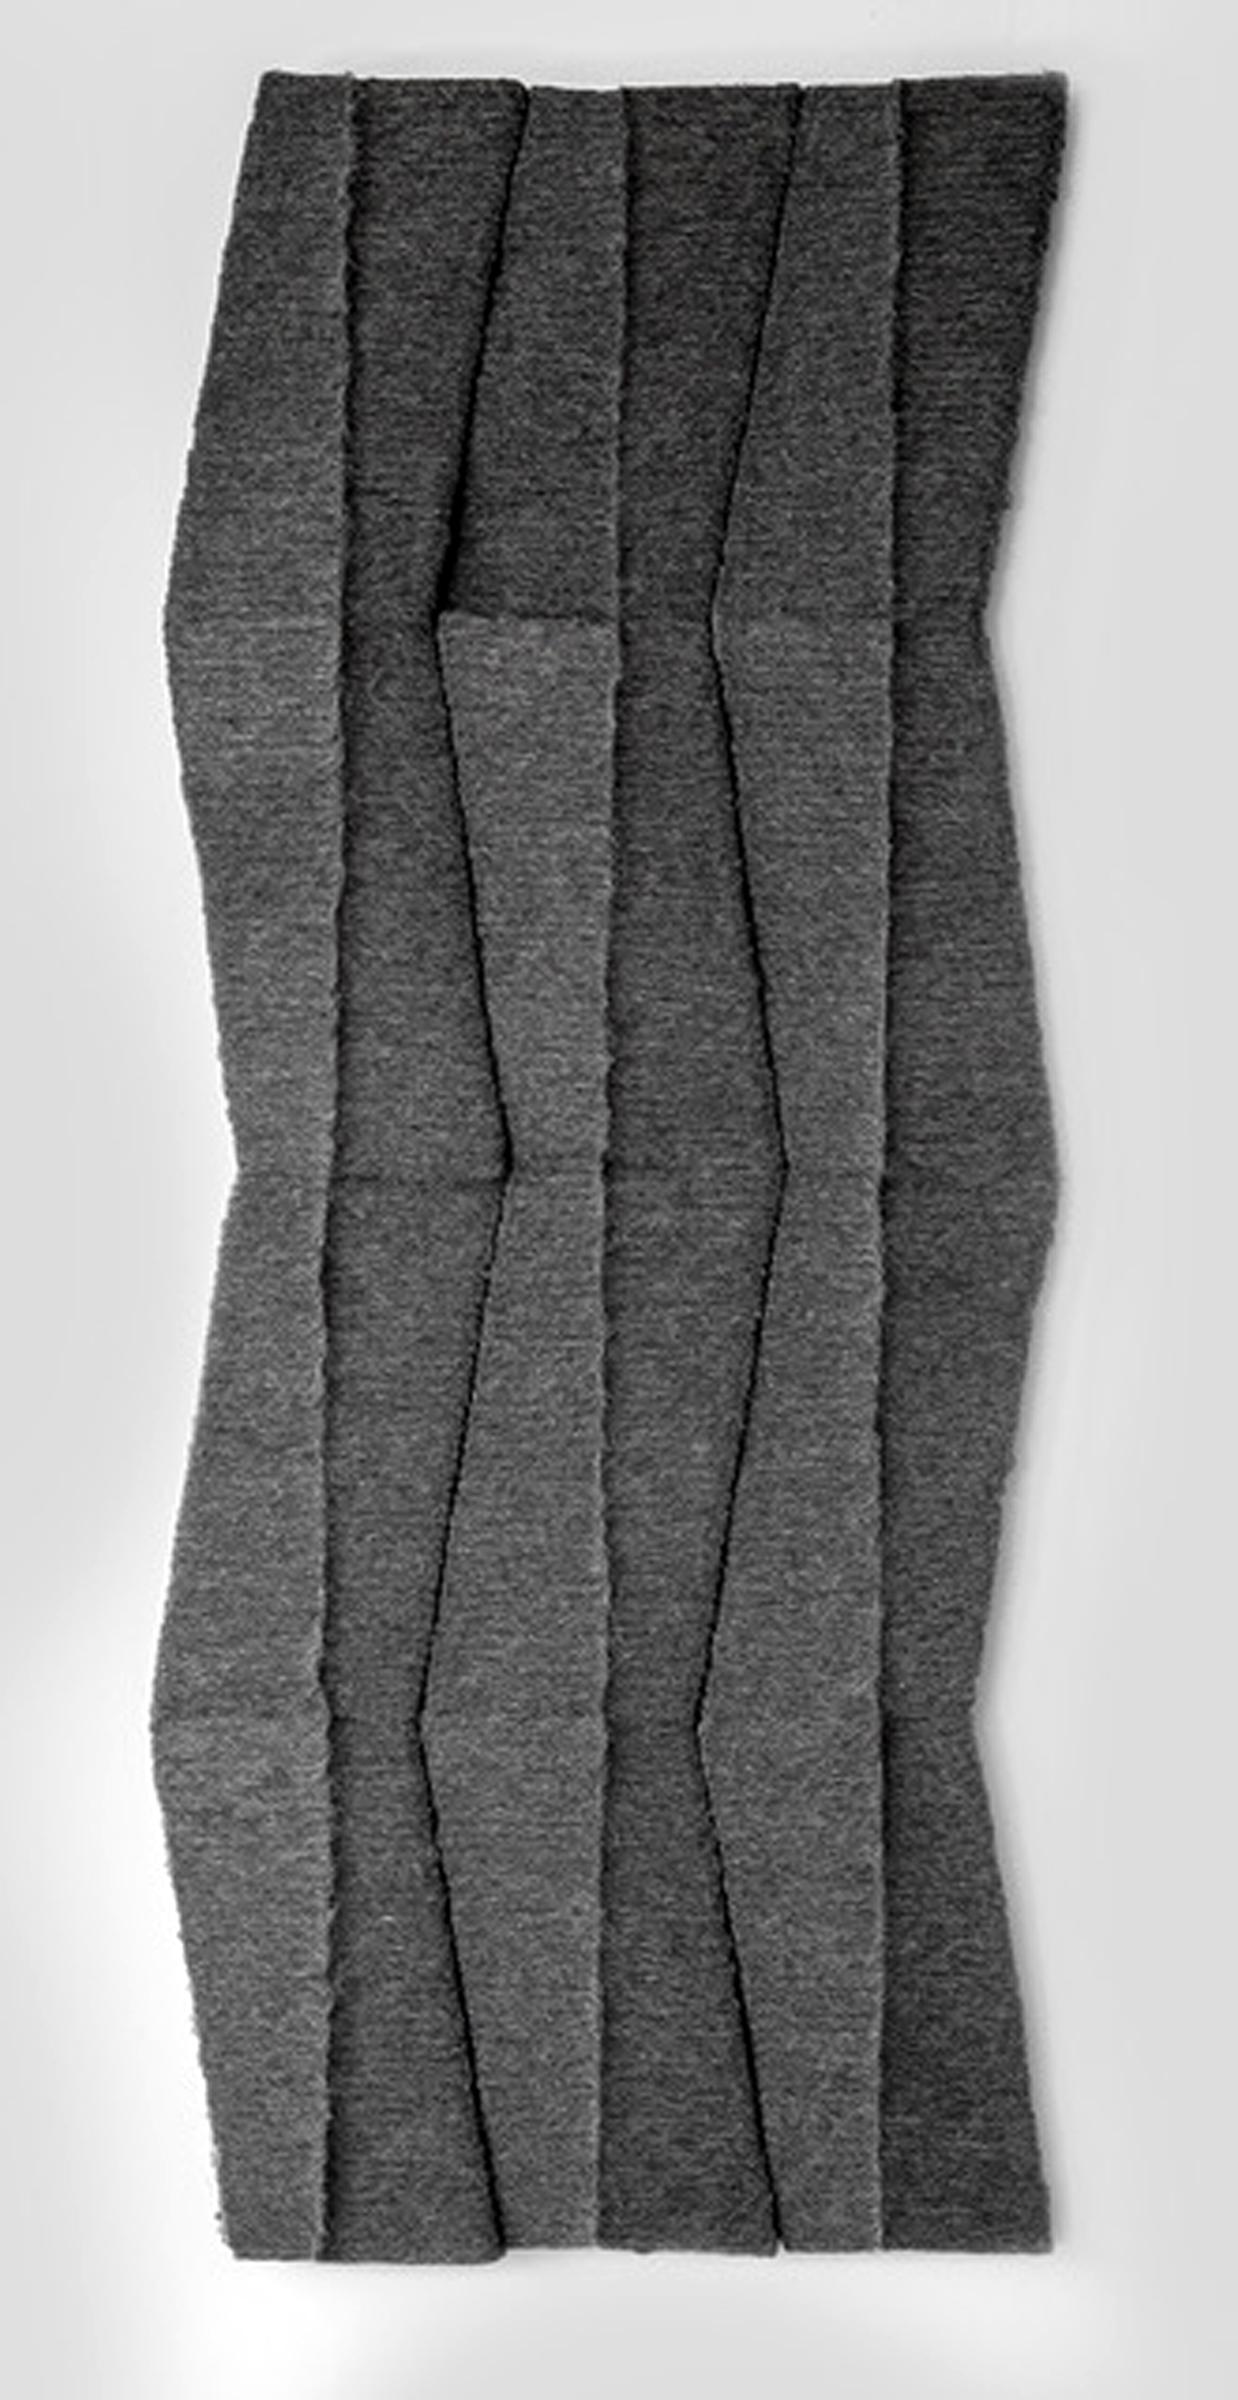 MARCIE MILLER GROSS   Untitled (Zig Zag), 66 x 25 x 2 inches / 168 x 64 x 5 cm, wool industrial felt, 2015